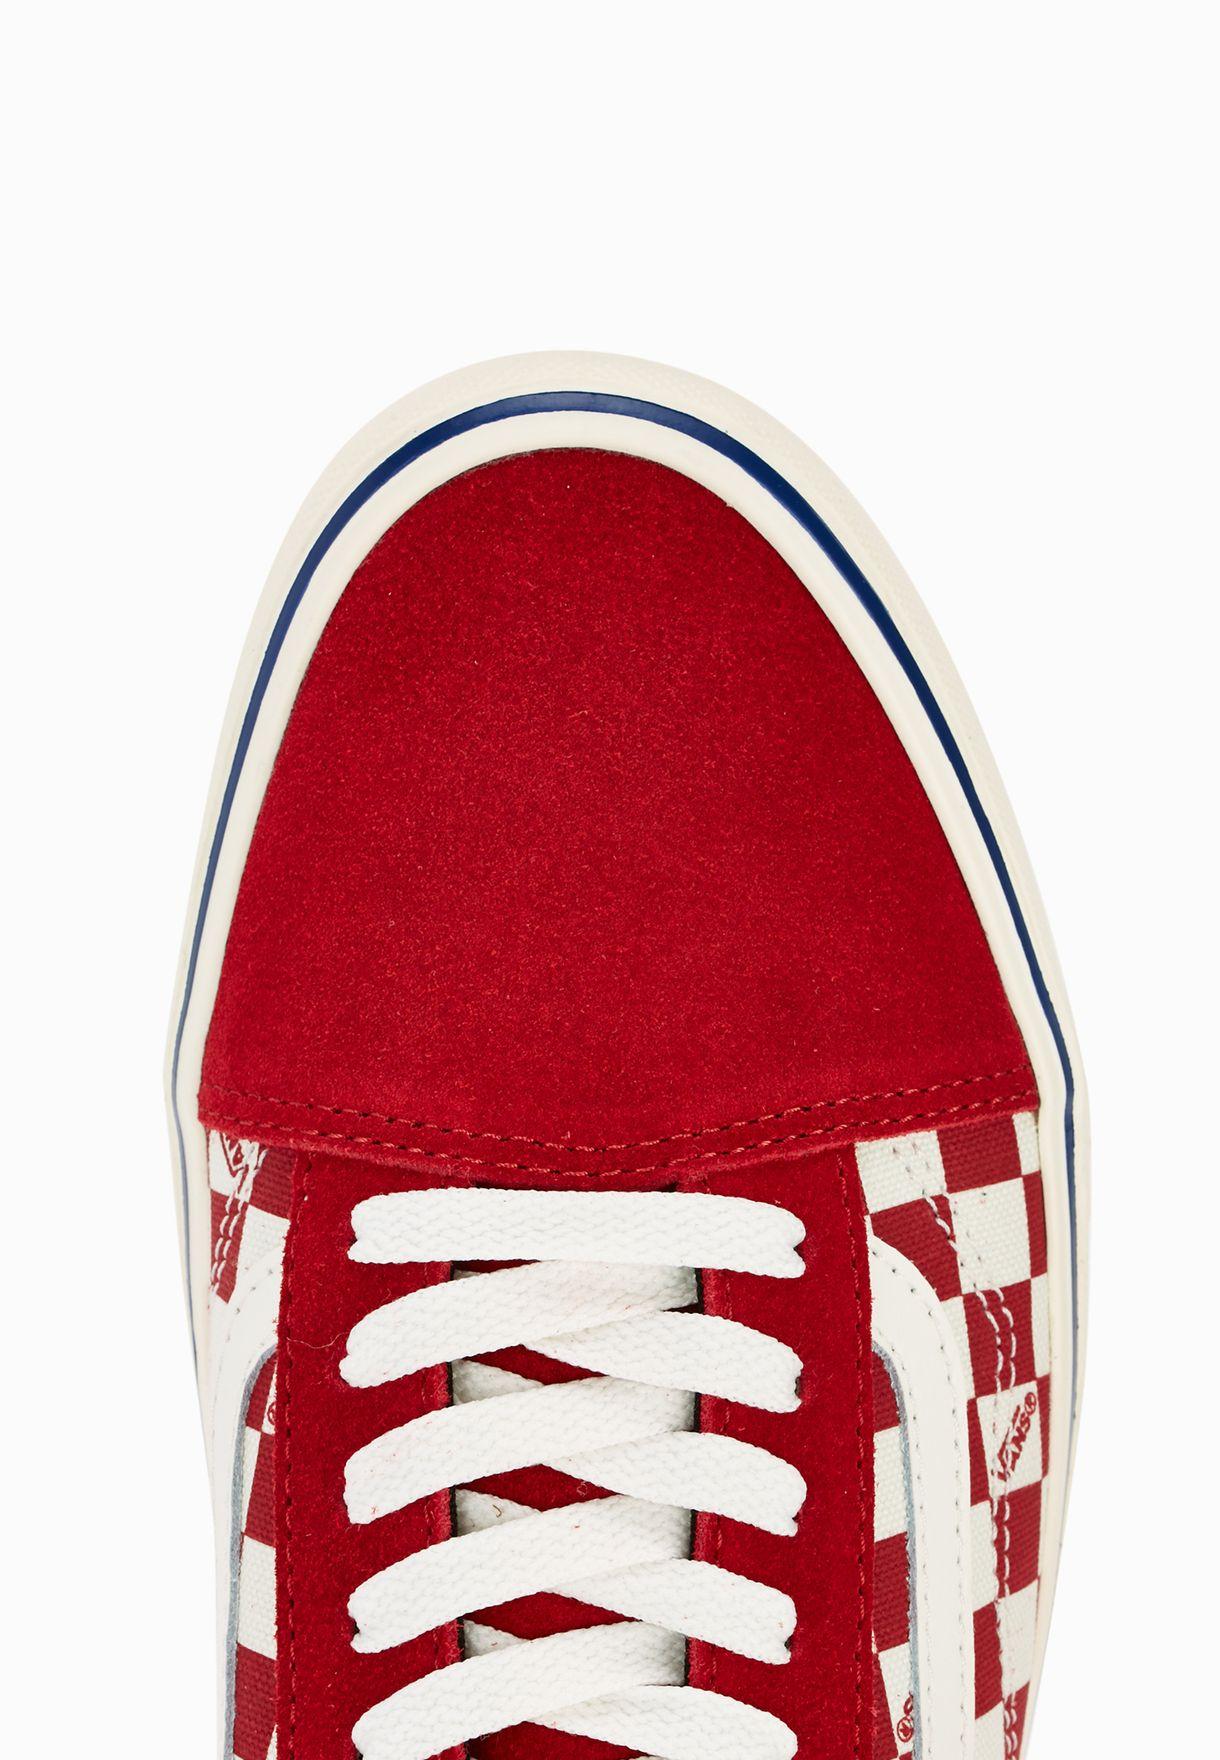 b59957c59db Shop Vans red Old Skool Lite Checkers Sneakers VAFT-Z5WJYA for ...